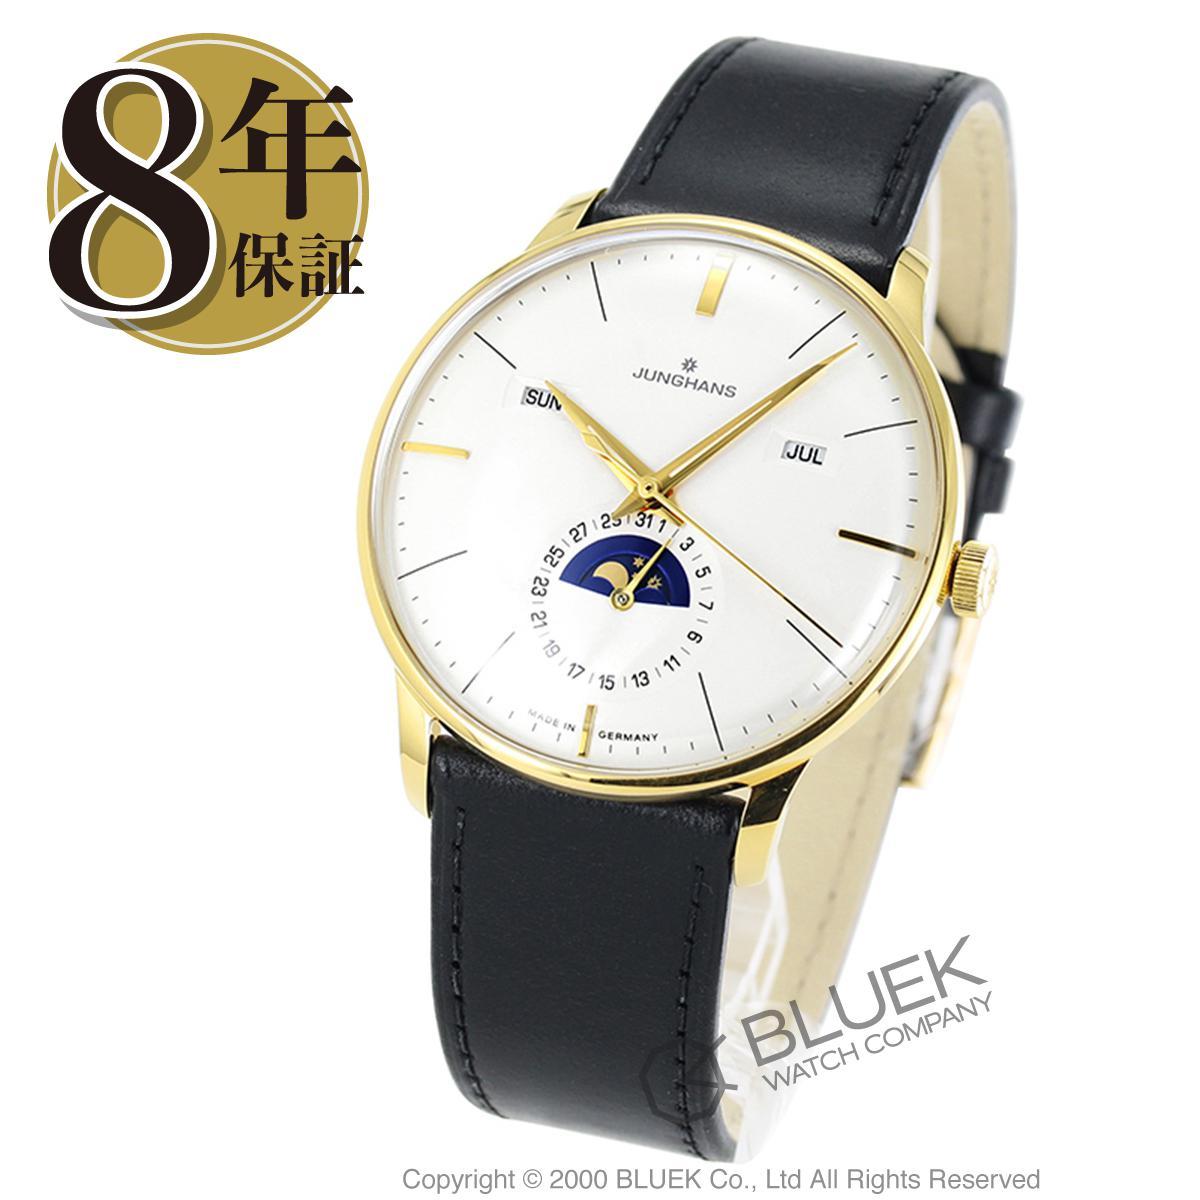 【6,000円OFFクーポン対象】ユンハンス マイスター ムーンフェイズ 腕時計 メンズ JUNGHANS 027/7202.01_8